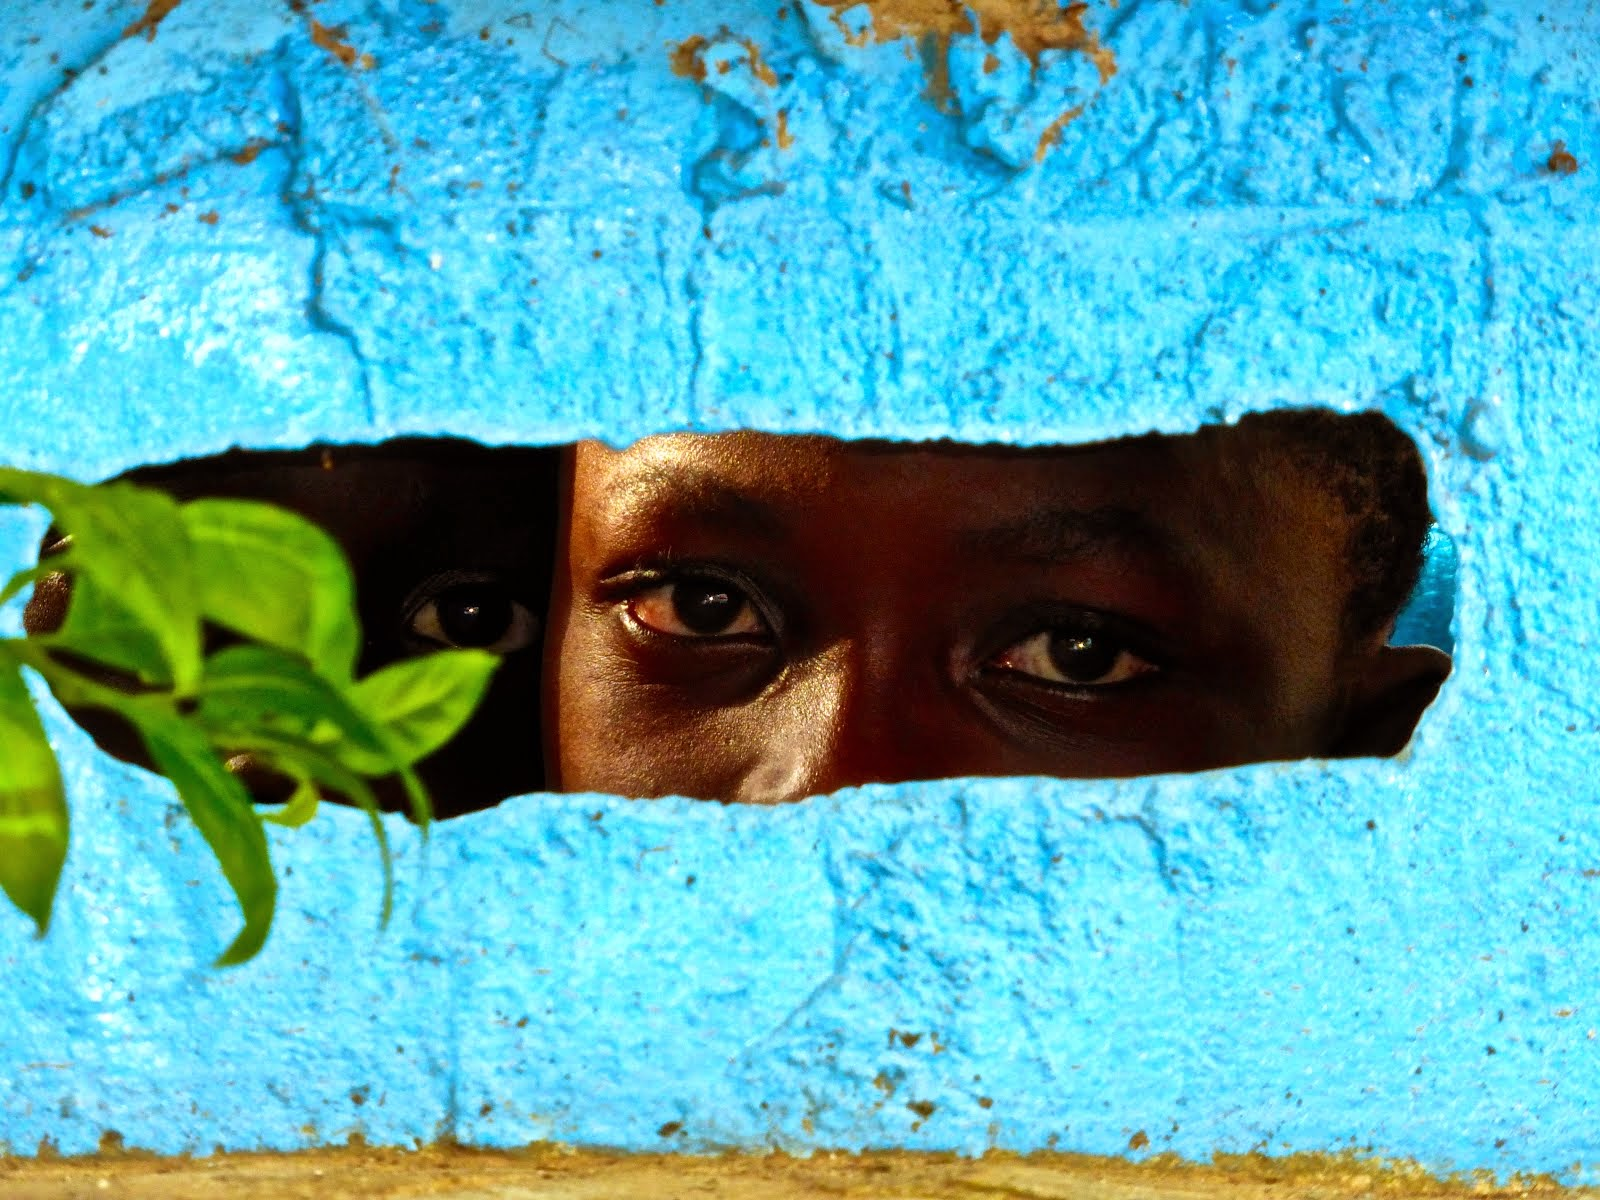 Ghanaian kids